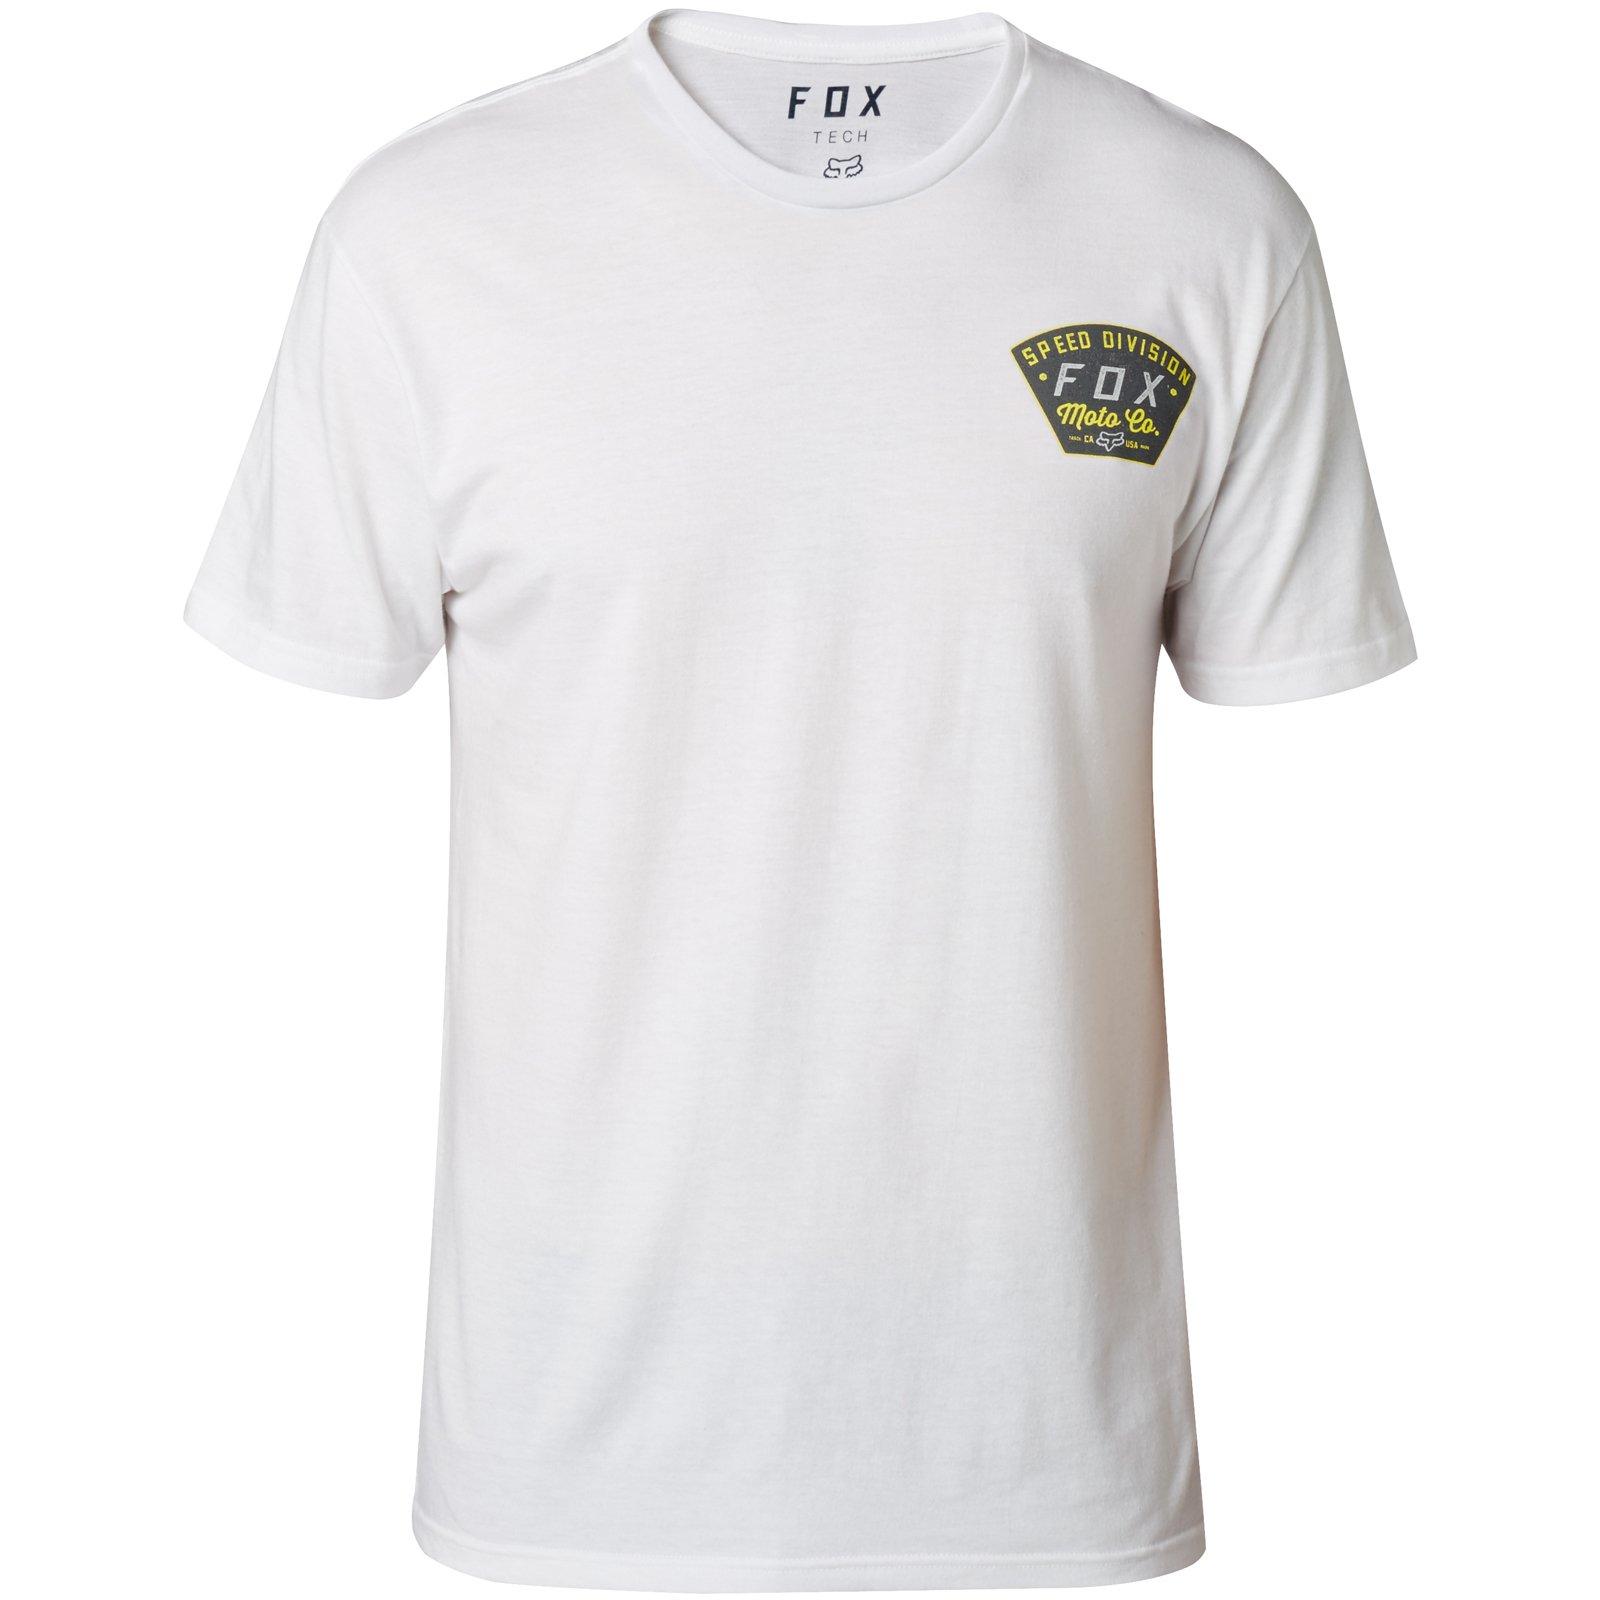 Fox Seek and Construct Tech - Camiseta (Talla S), Color Blanco: Amazon.es: Coche y moto